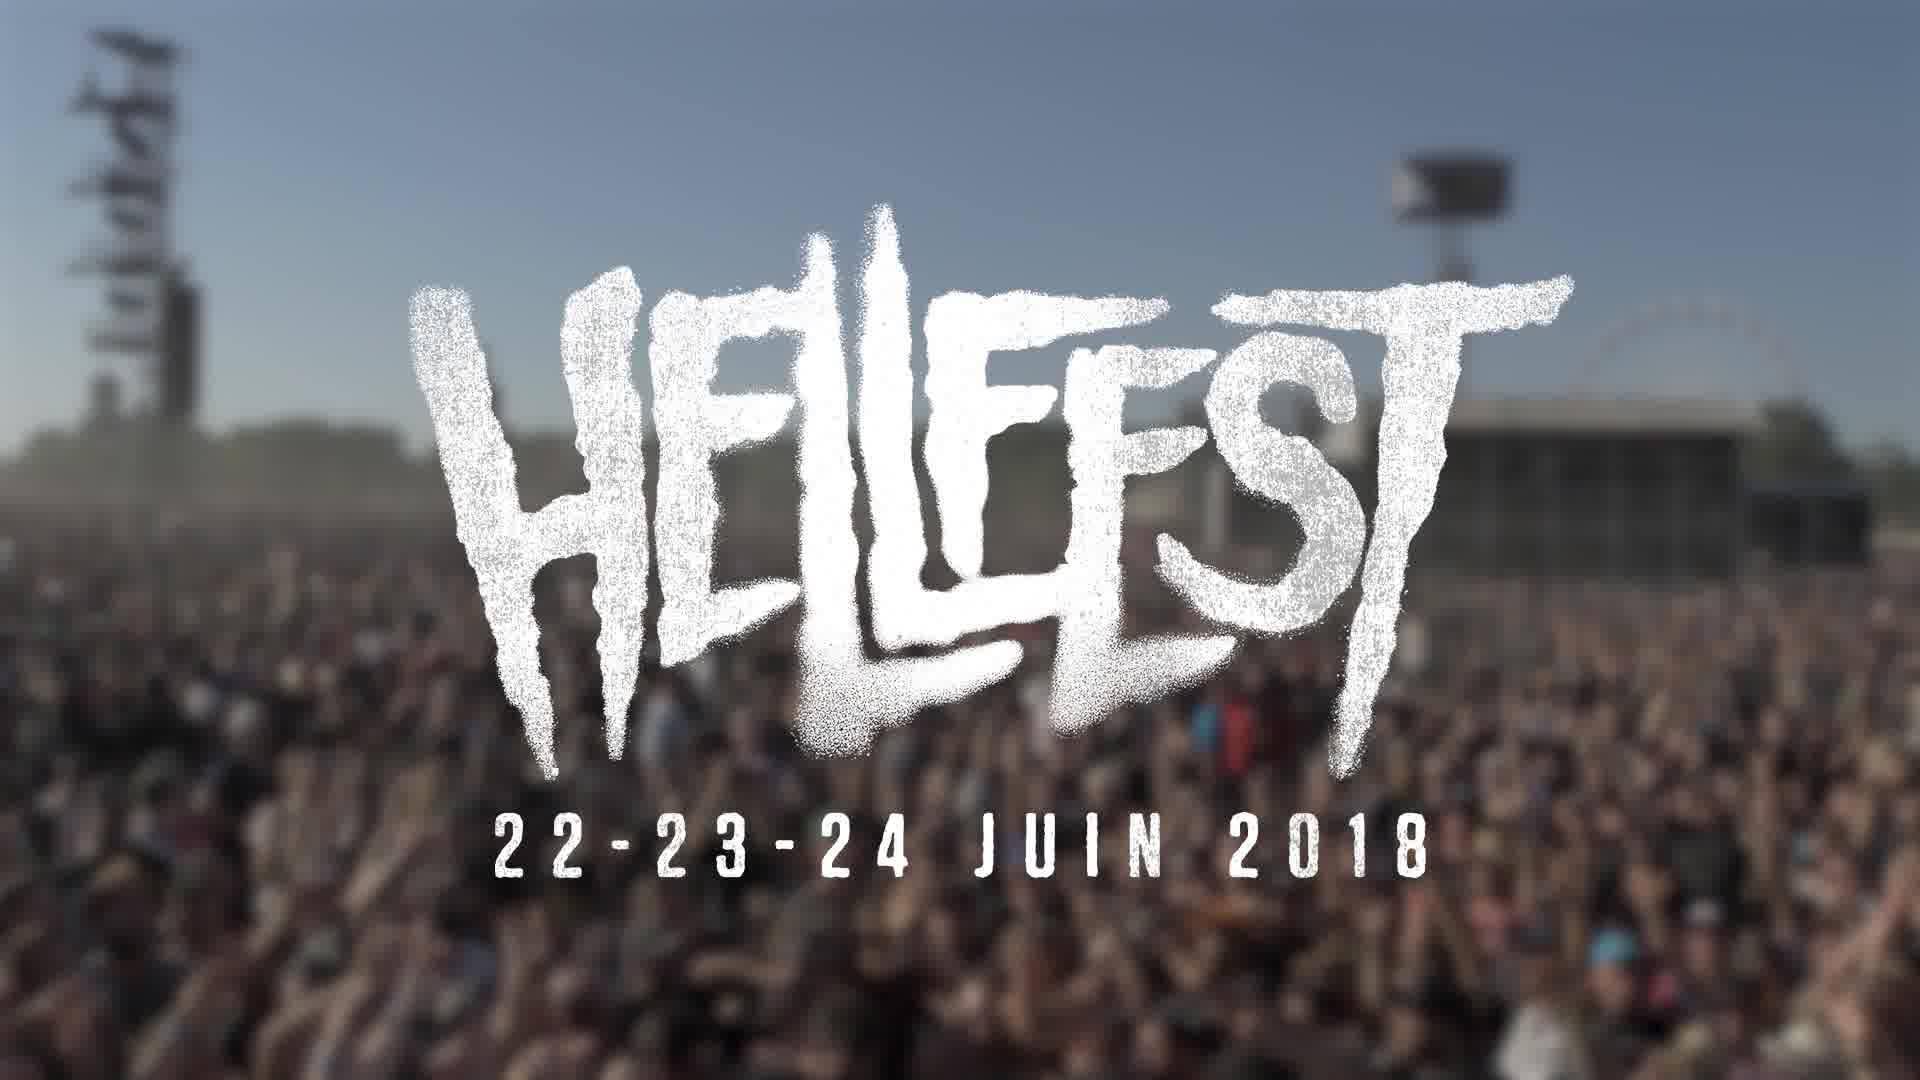 festival hellfest 2018